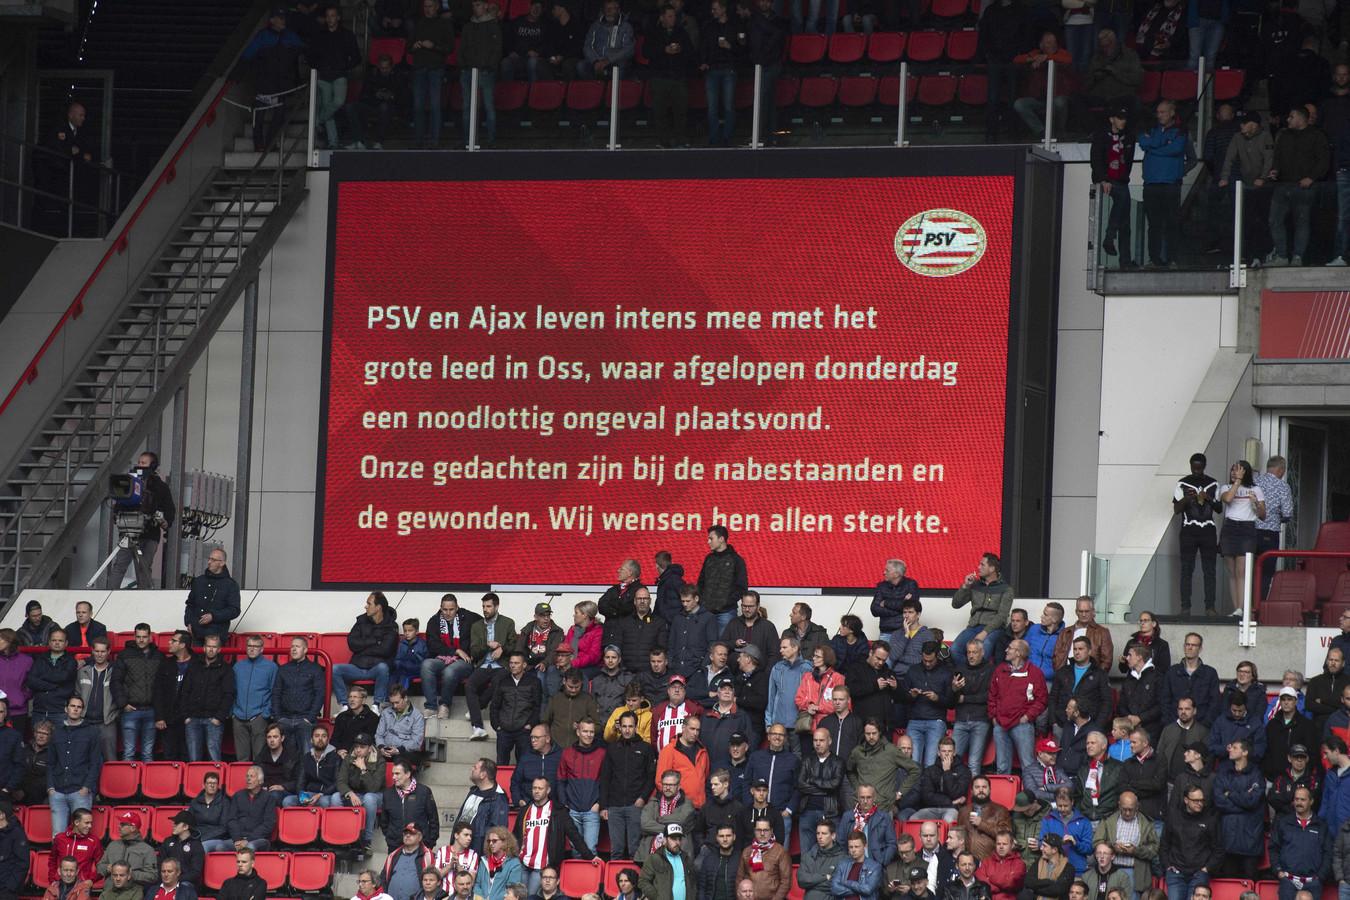 Ook  PSV en Ajax herdachten het drama in Oss.